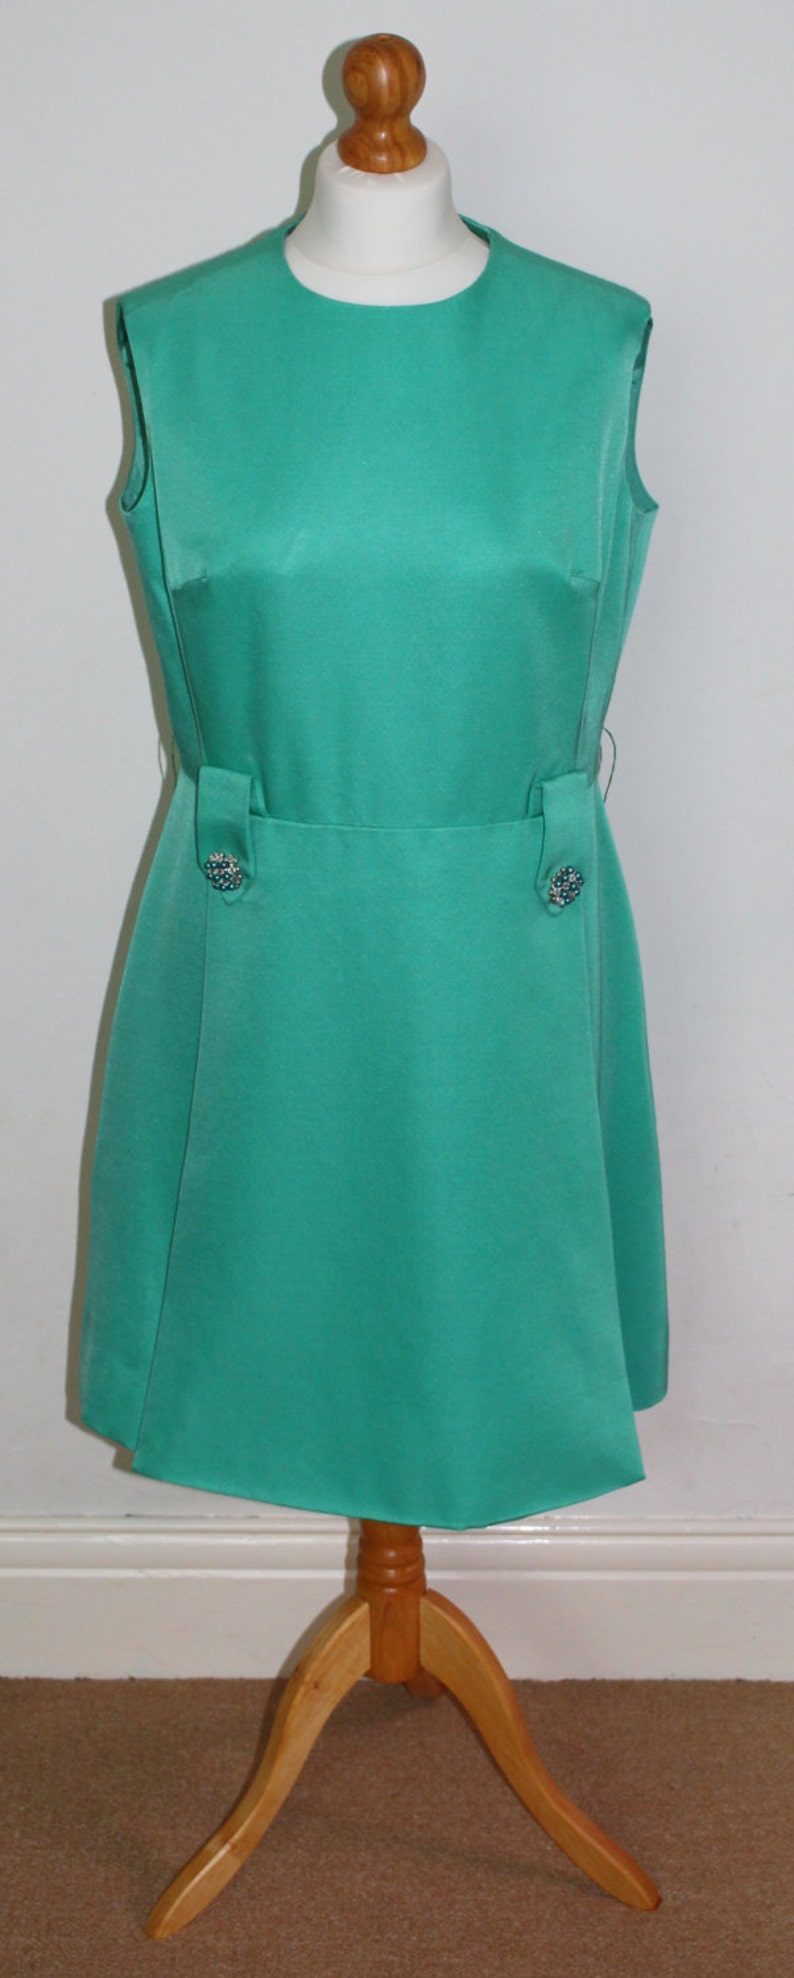 ed415ece0a6 Très chic classique des années 1960 Petite Francaise robe de